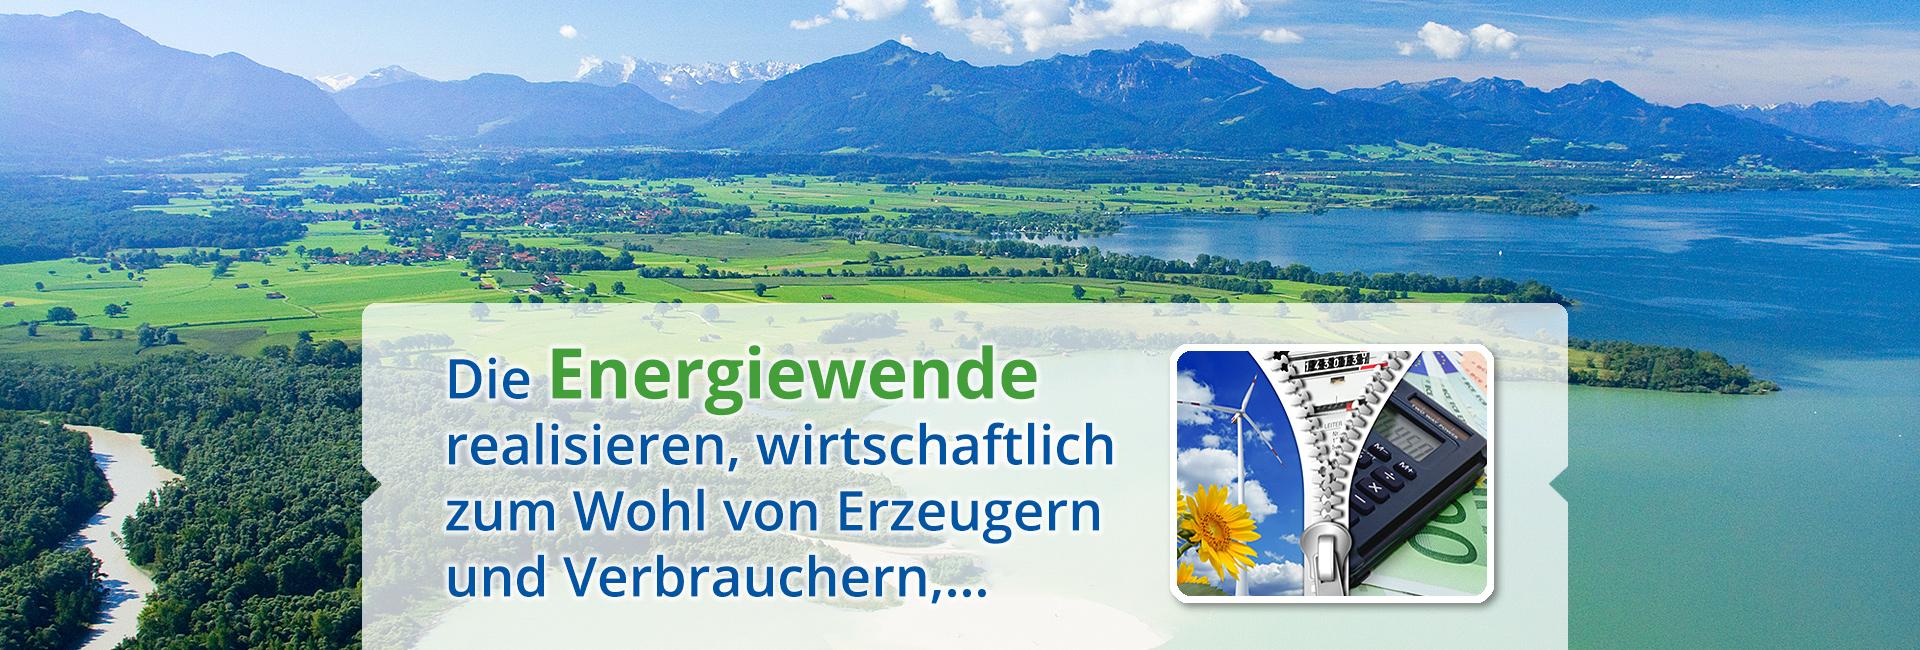 Energiewende Chiemgau Slider-1